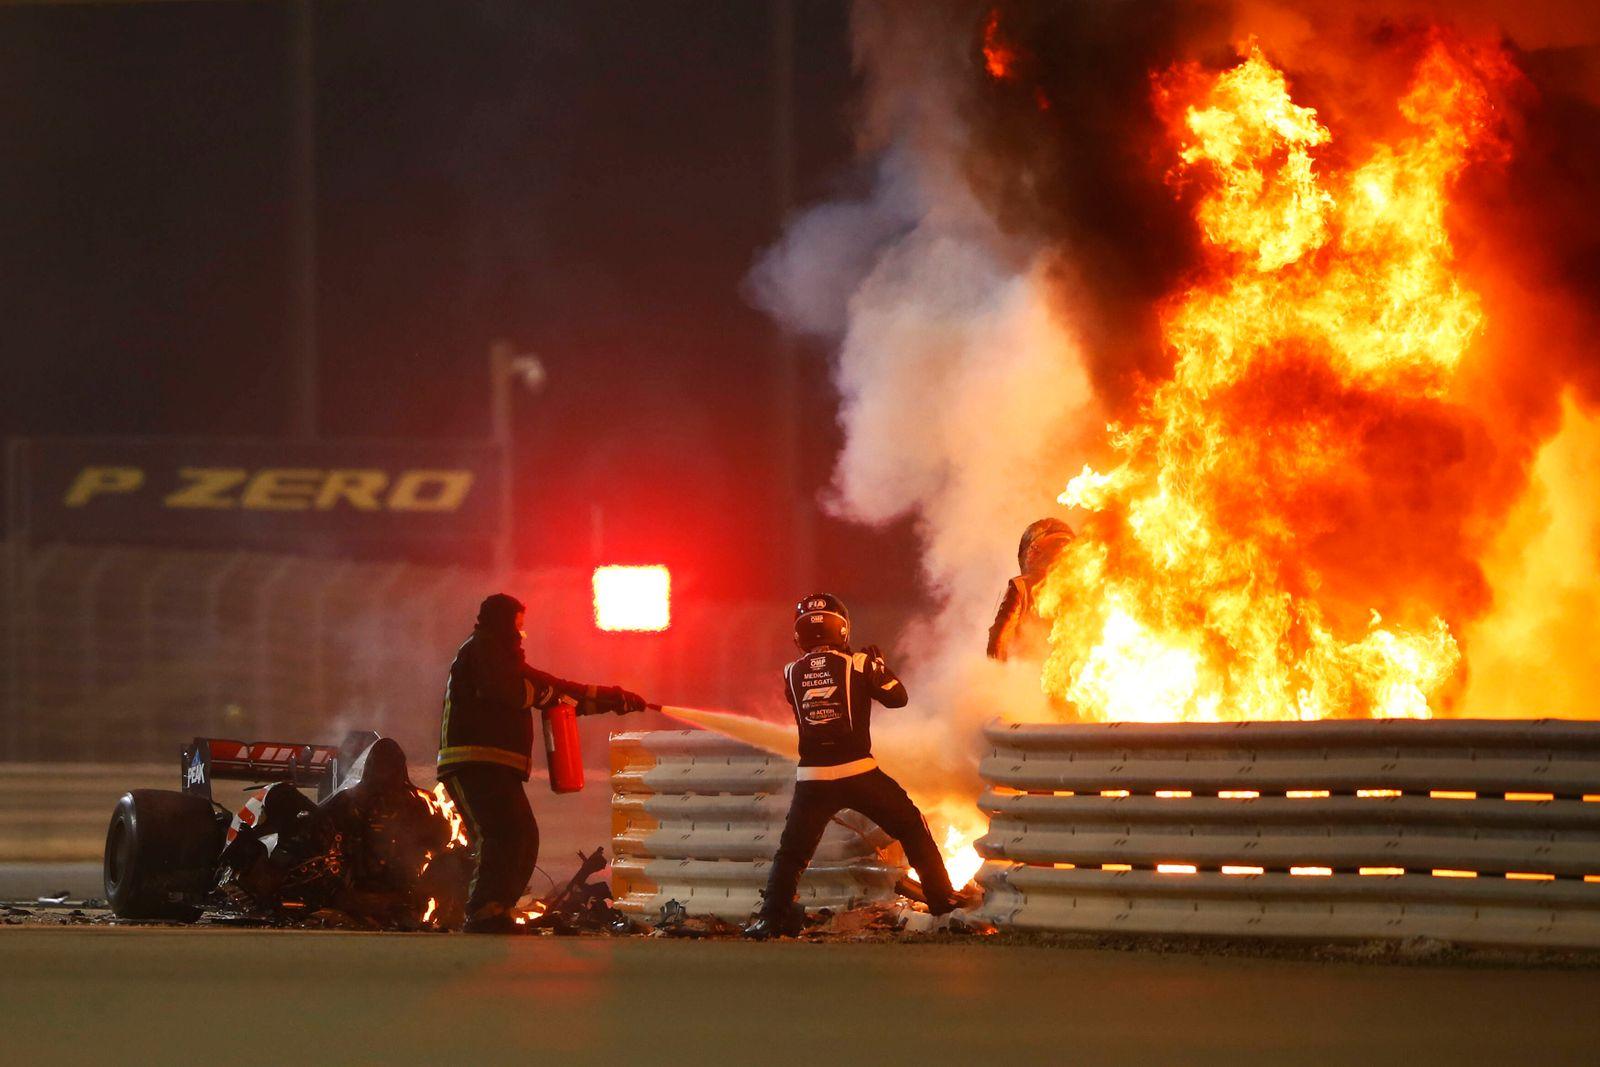 Sport Themen der Woche KW48 2020 Bahrain GP BAHRAIN INTERNATIONAL CIRCUIT, BAHRAIN - NOVEMBER 29: Romain Grosjean, Haas